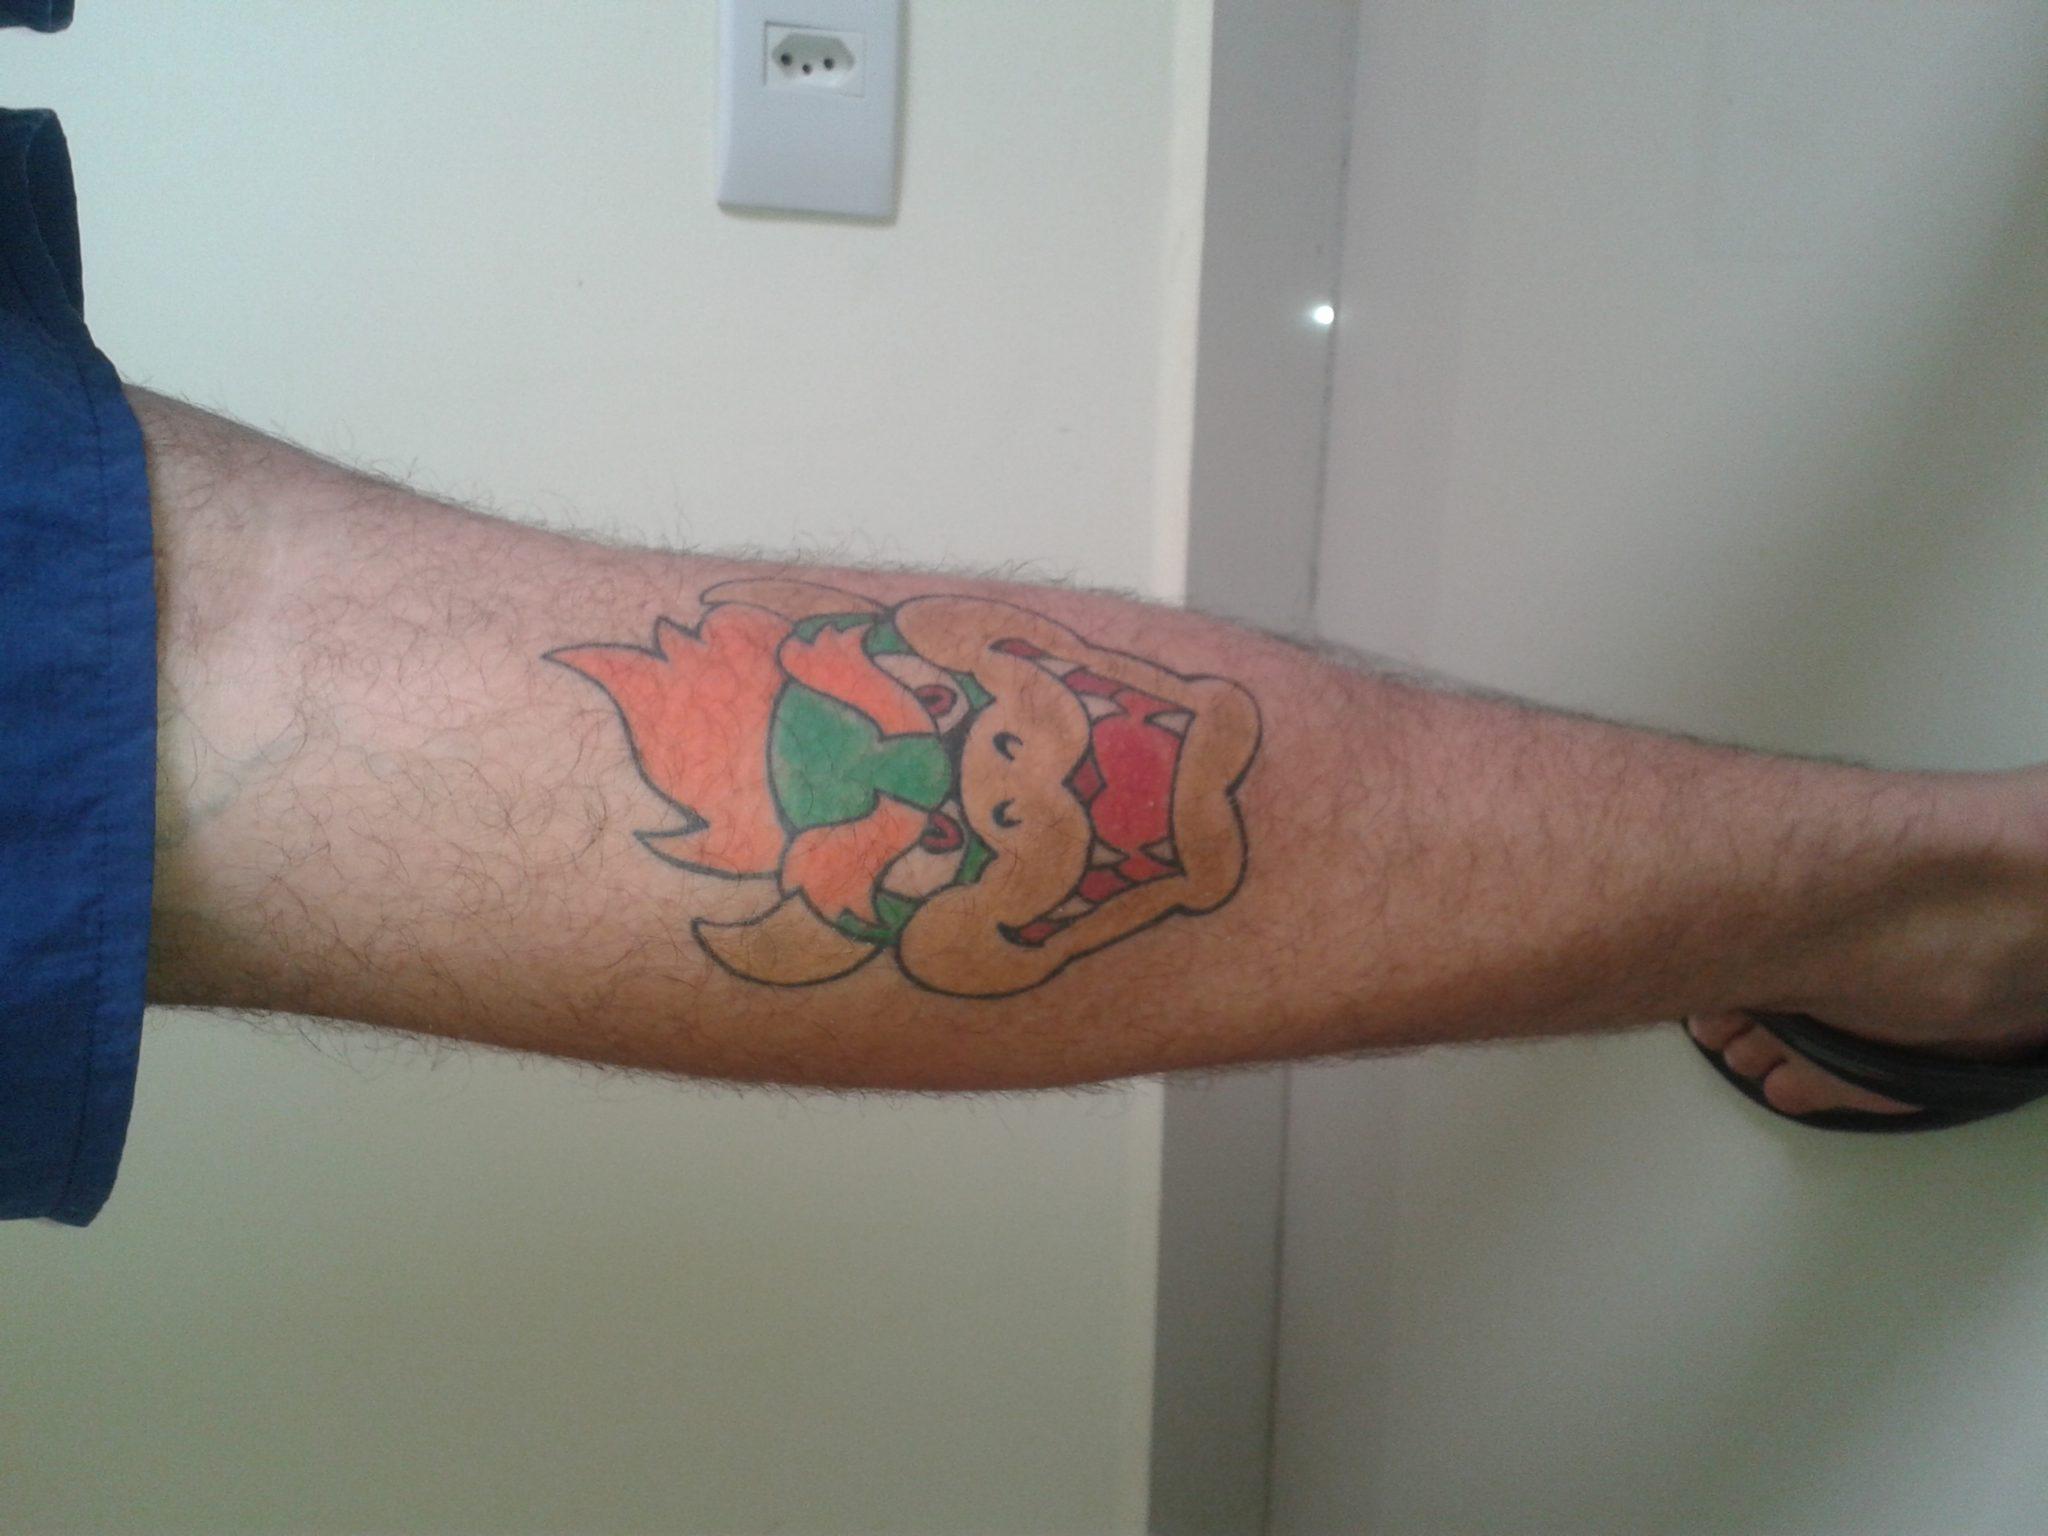 Tatuagem feita pelo Max do estudio el cuervo quando ainda era só um garoto!